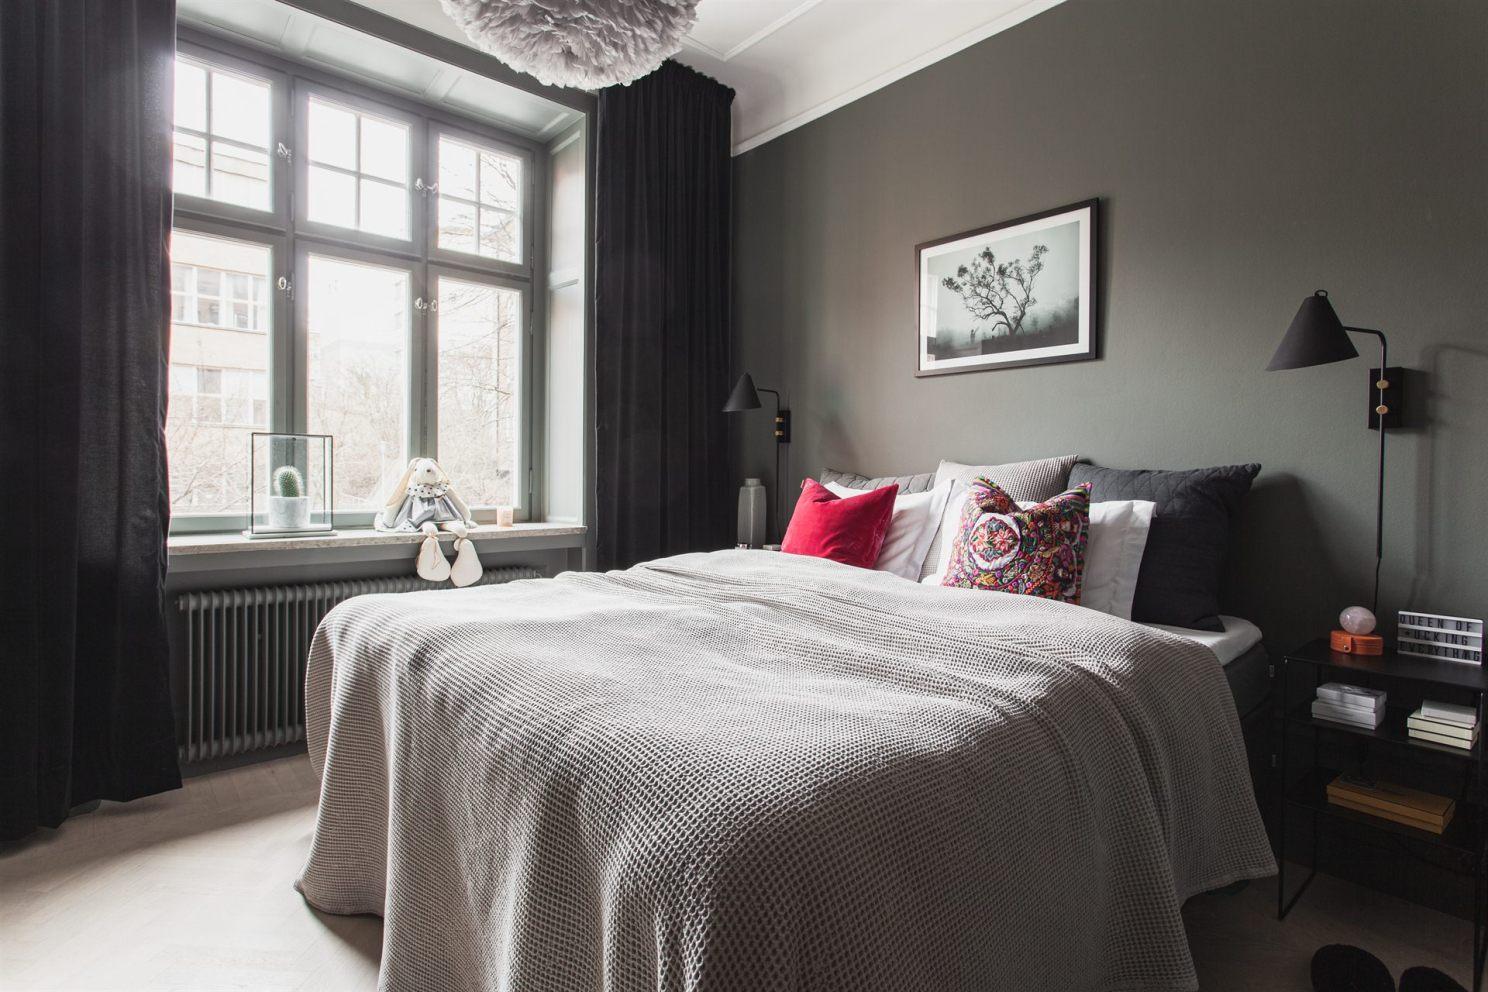 квартира 67 квм спальня кровать окно